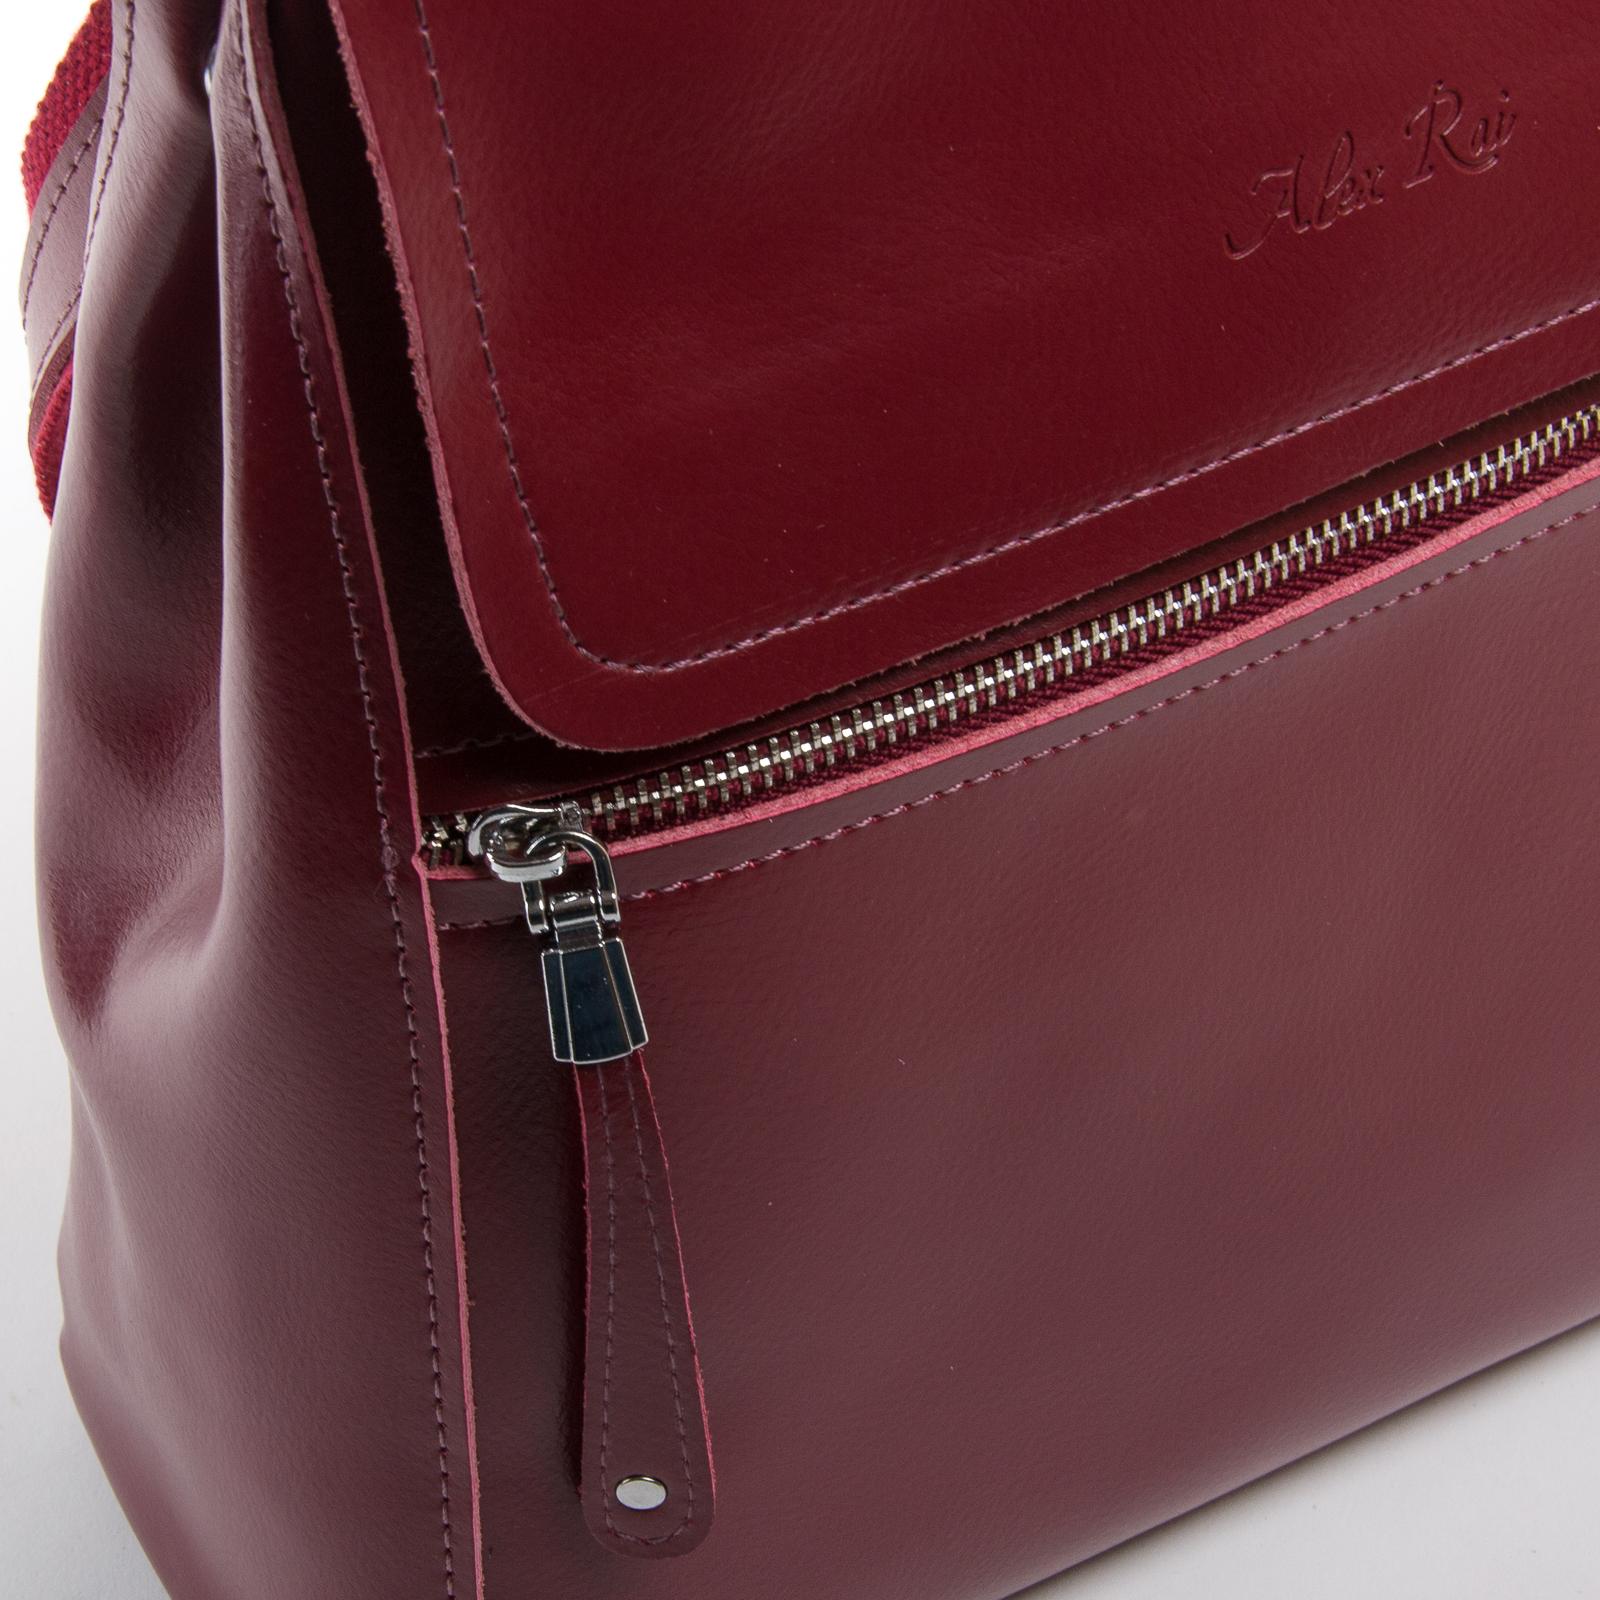 Сумка Женская Рюкзак кожа ALEX RAI 1005 l-red - фото 3